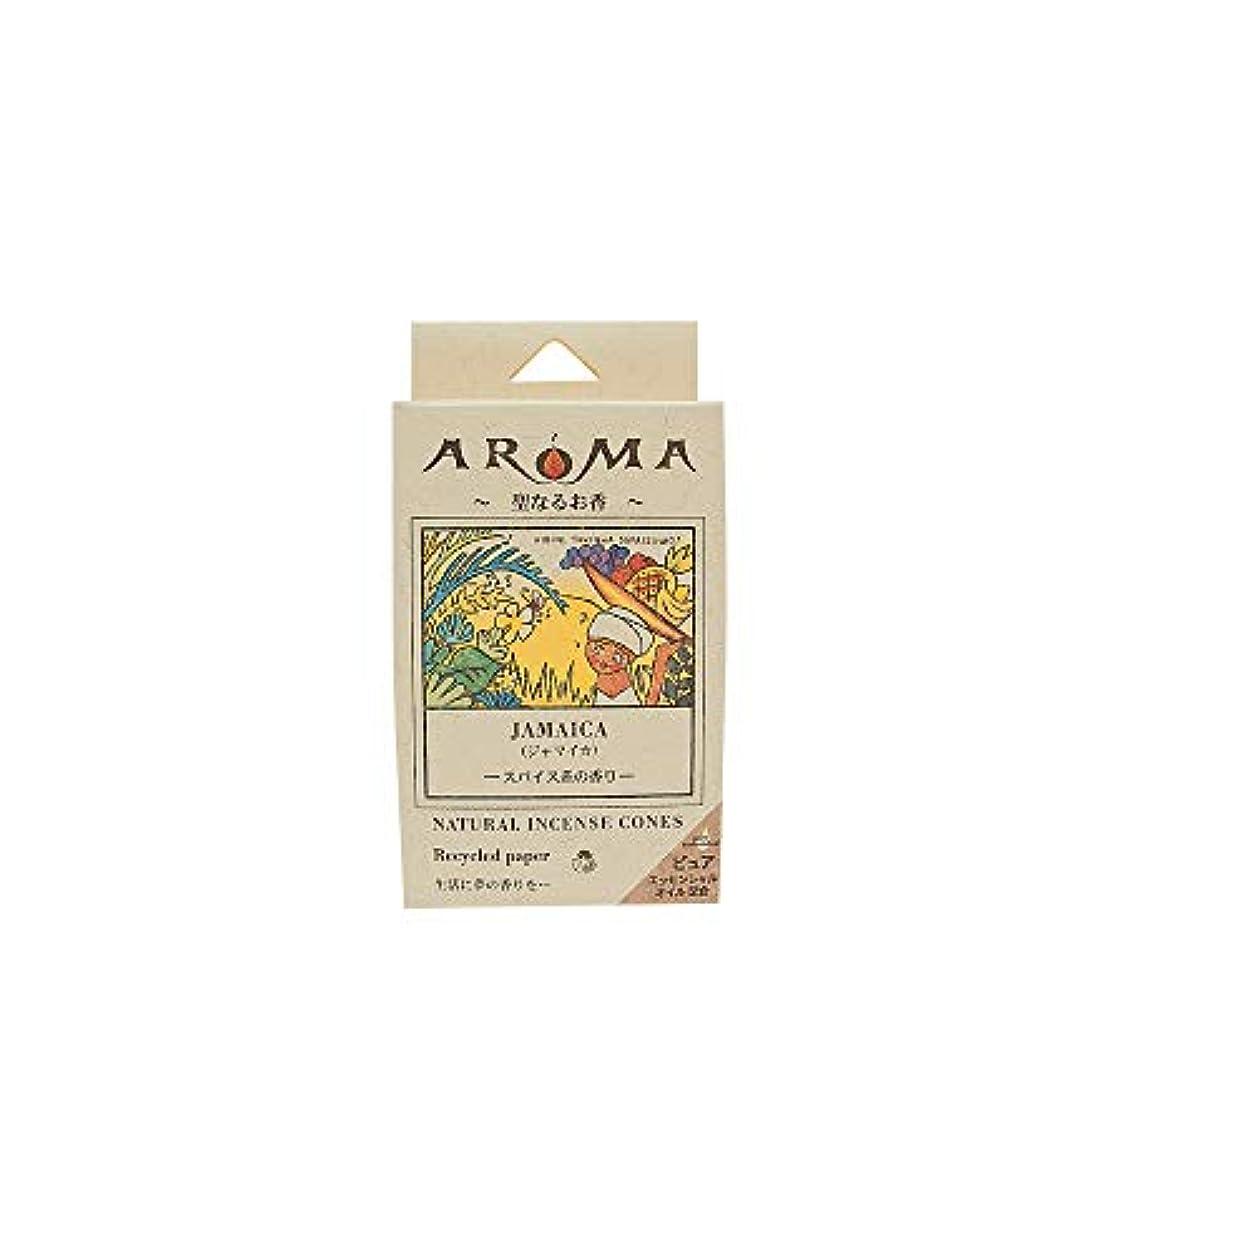 キャッシュみなすテメリティアロマ香 ジャマイカ 16粒(コーンタイプインセンス 1粒の燃焼時間約20分 スパイス系の香り)